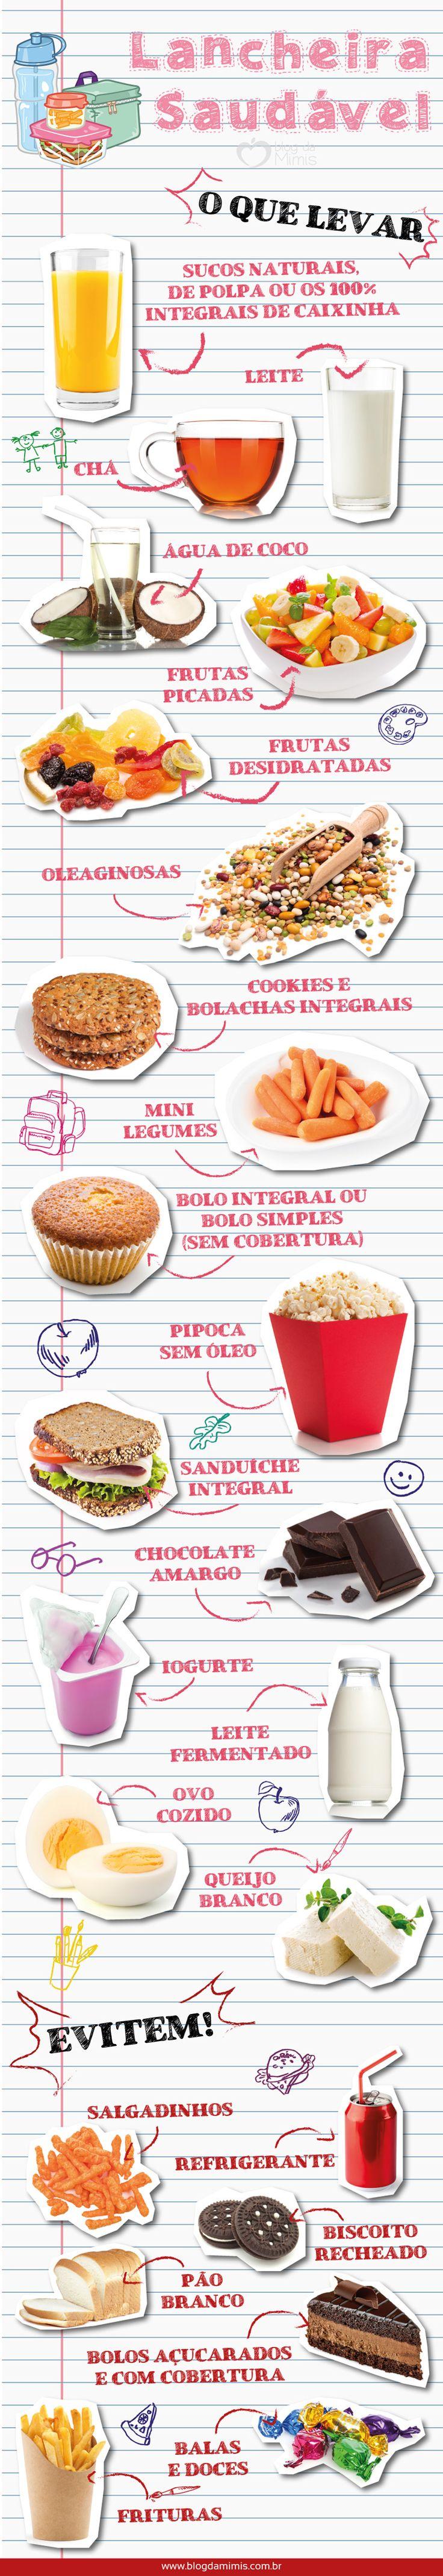 Alimentação saudável: como montar uma lancheira nutritiva   Blog Moda Infantil